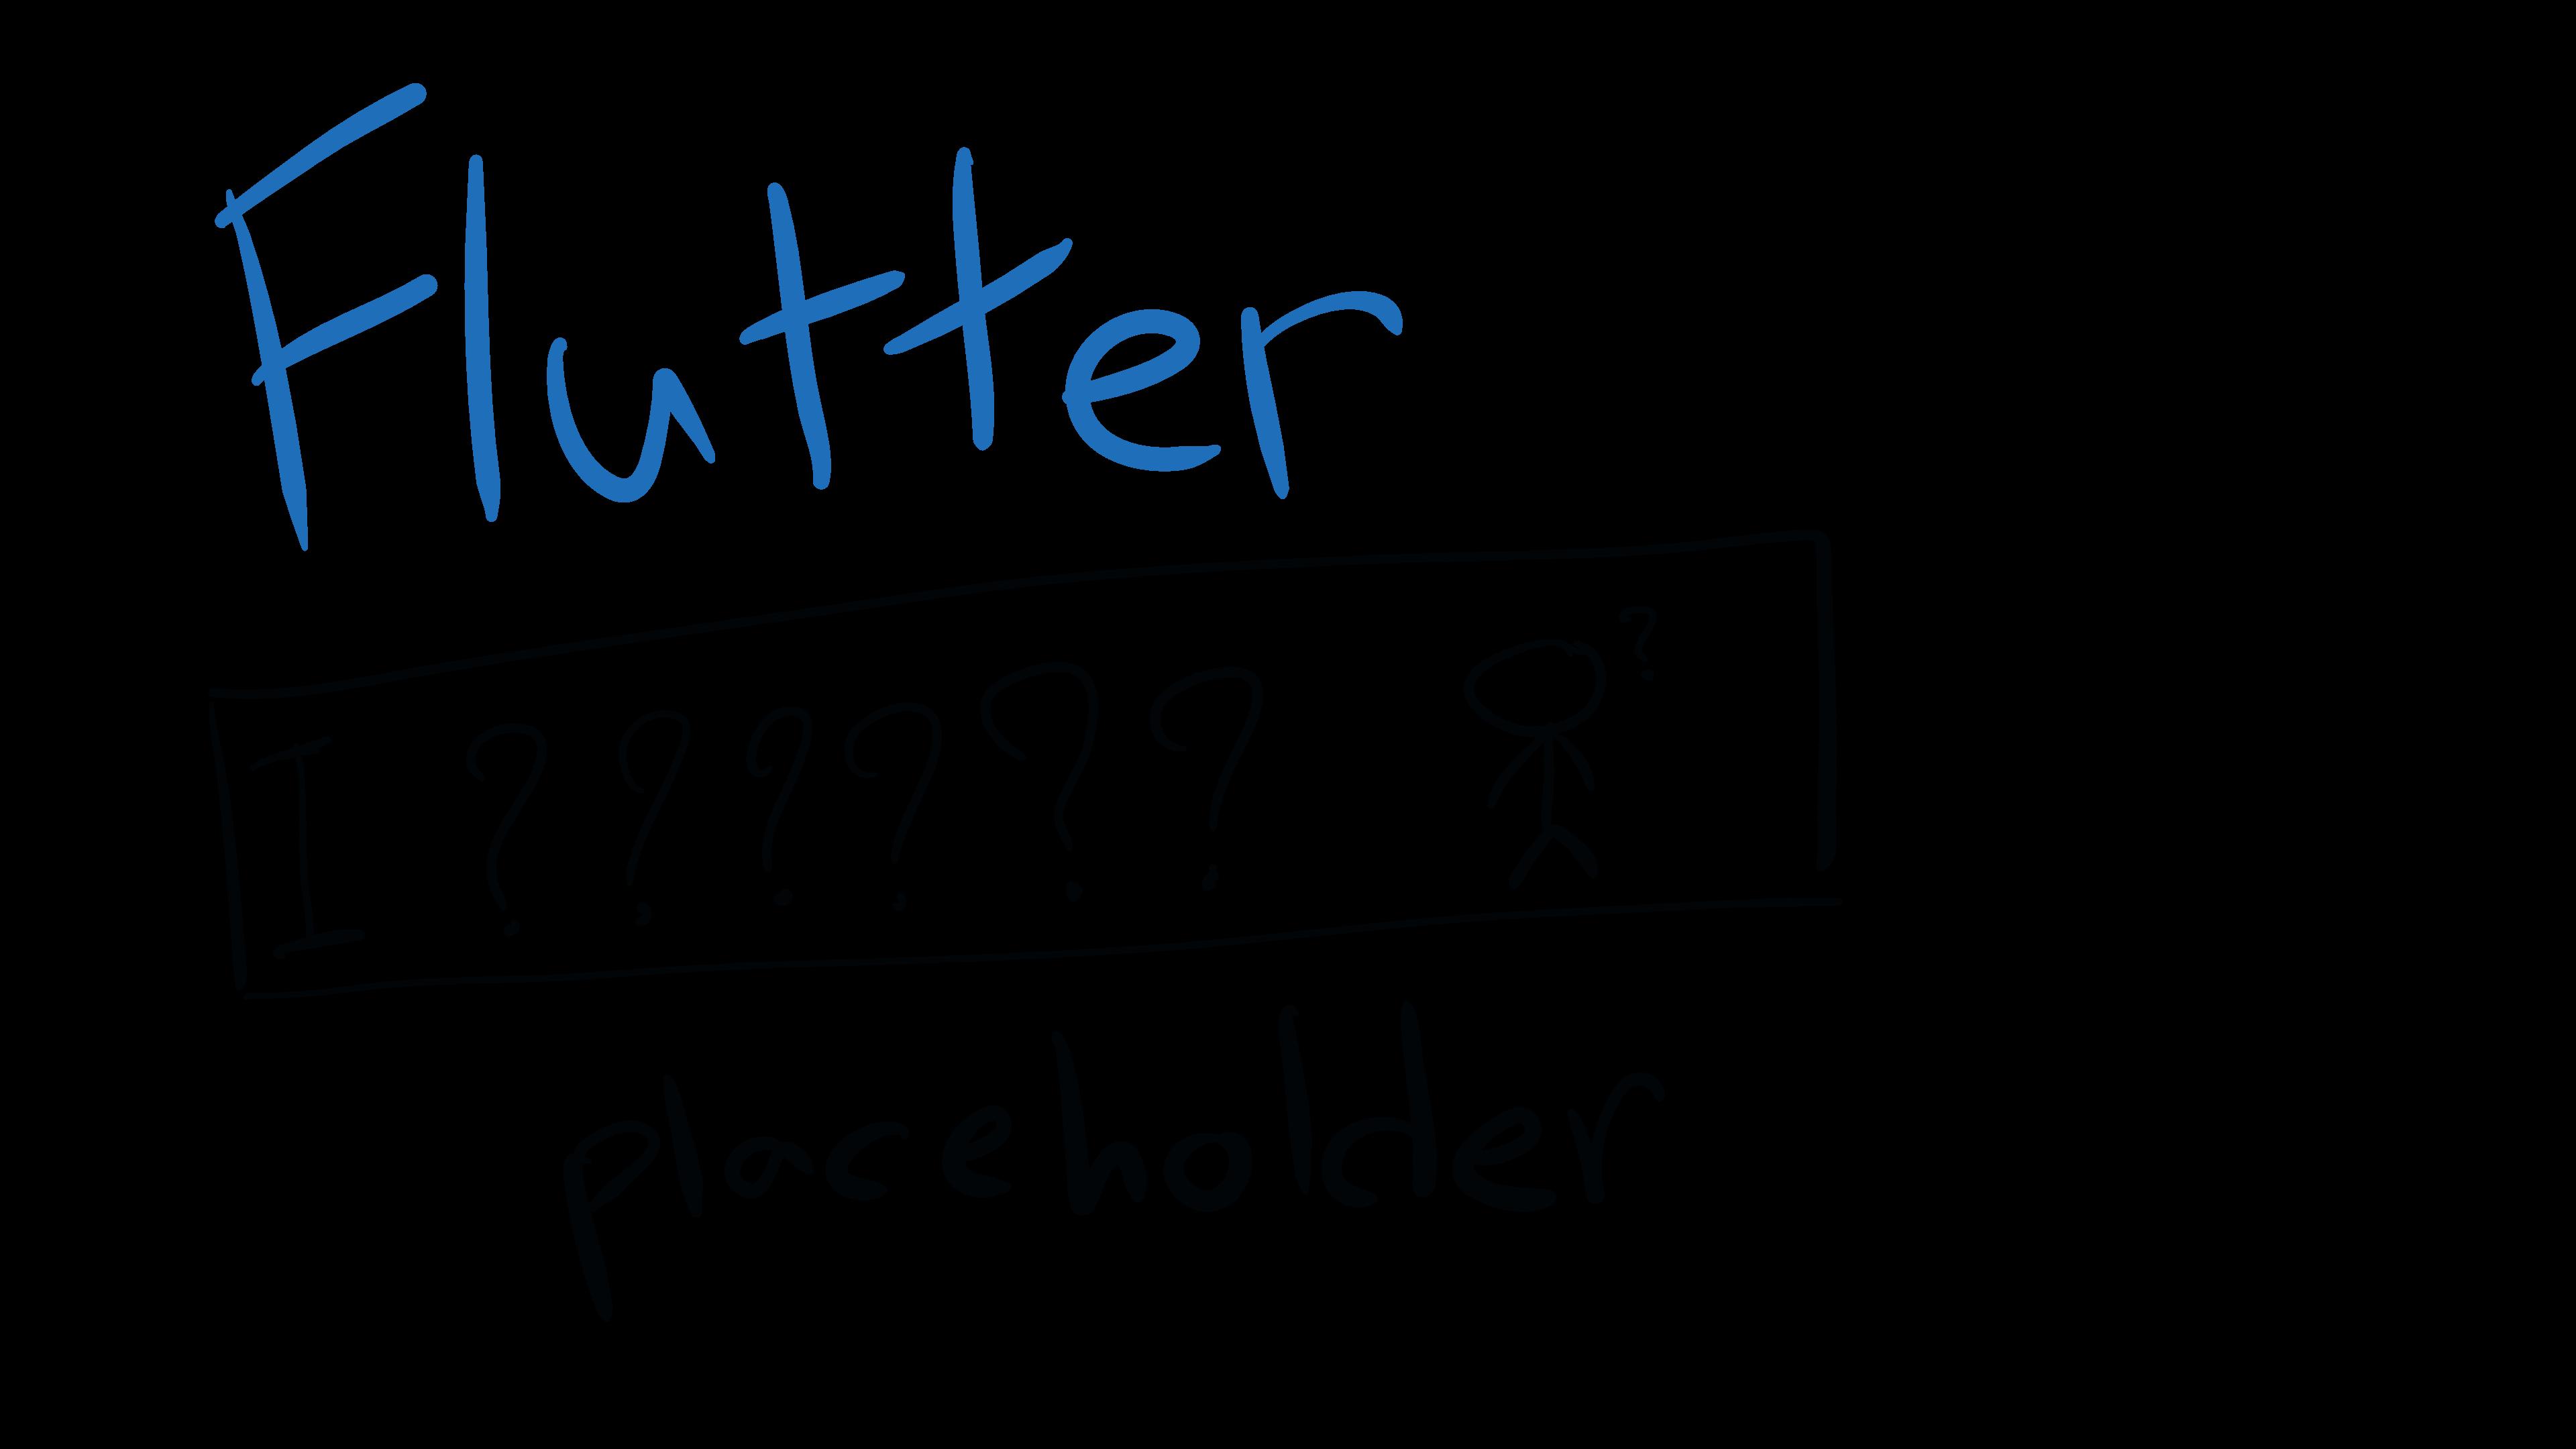 Как во flutter добавить placeholder для полей ввода